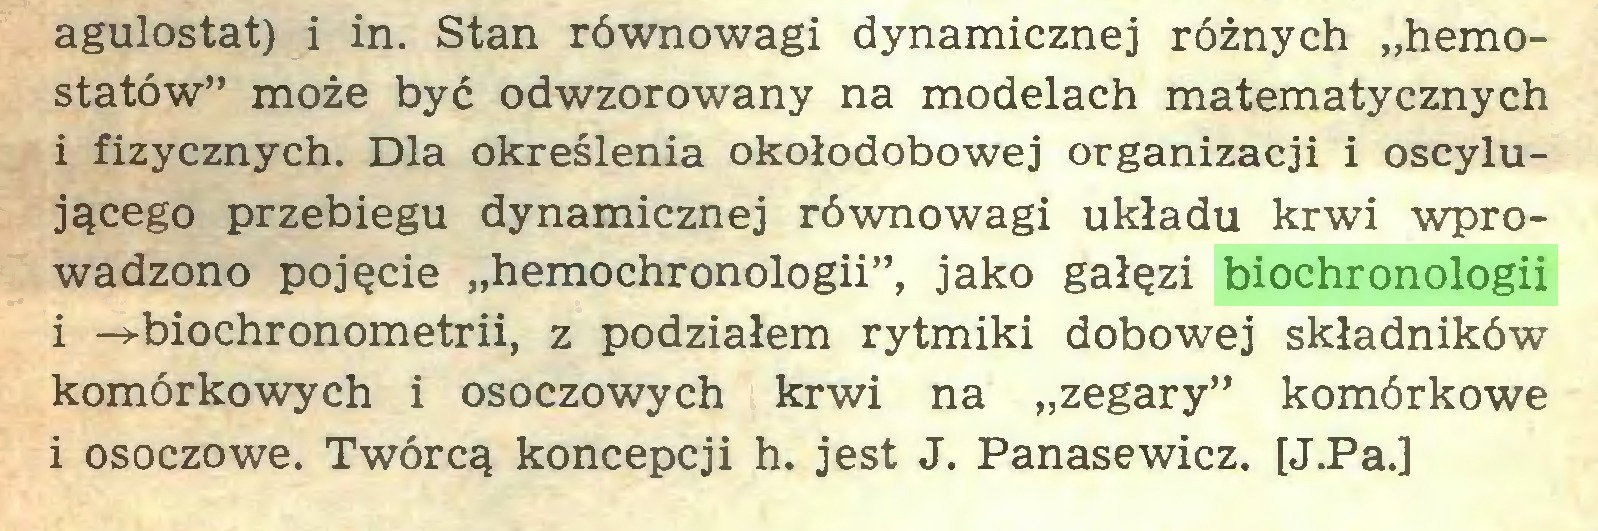 """(...) agulostat) i in. Stan równowagi dynamicznej różnych """"hemostatów"""" może być odwzorowany na modelach matematycznych i fizycznych. Dla określenia okołodobowej organizacji i oscylującego przebiegu dynamicznej równowagi układu krwi wprowadzono pojęcie """"hemochronologii"""", jako gałęzi biochronologii i -»-biochronometrii, z podziałem rytmiki dobowej składników komórkowych i osoczowych krwi na """"zegary"""" komórkowe i osoczowe. Twórcą koncepcji h. jest J. Panasewicz. [J.Pa.]..."""